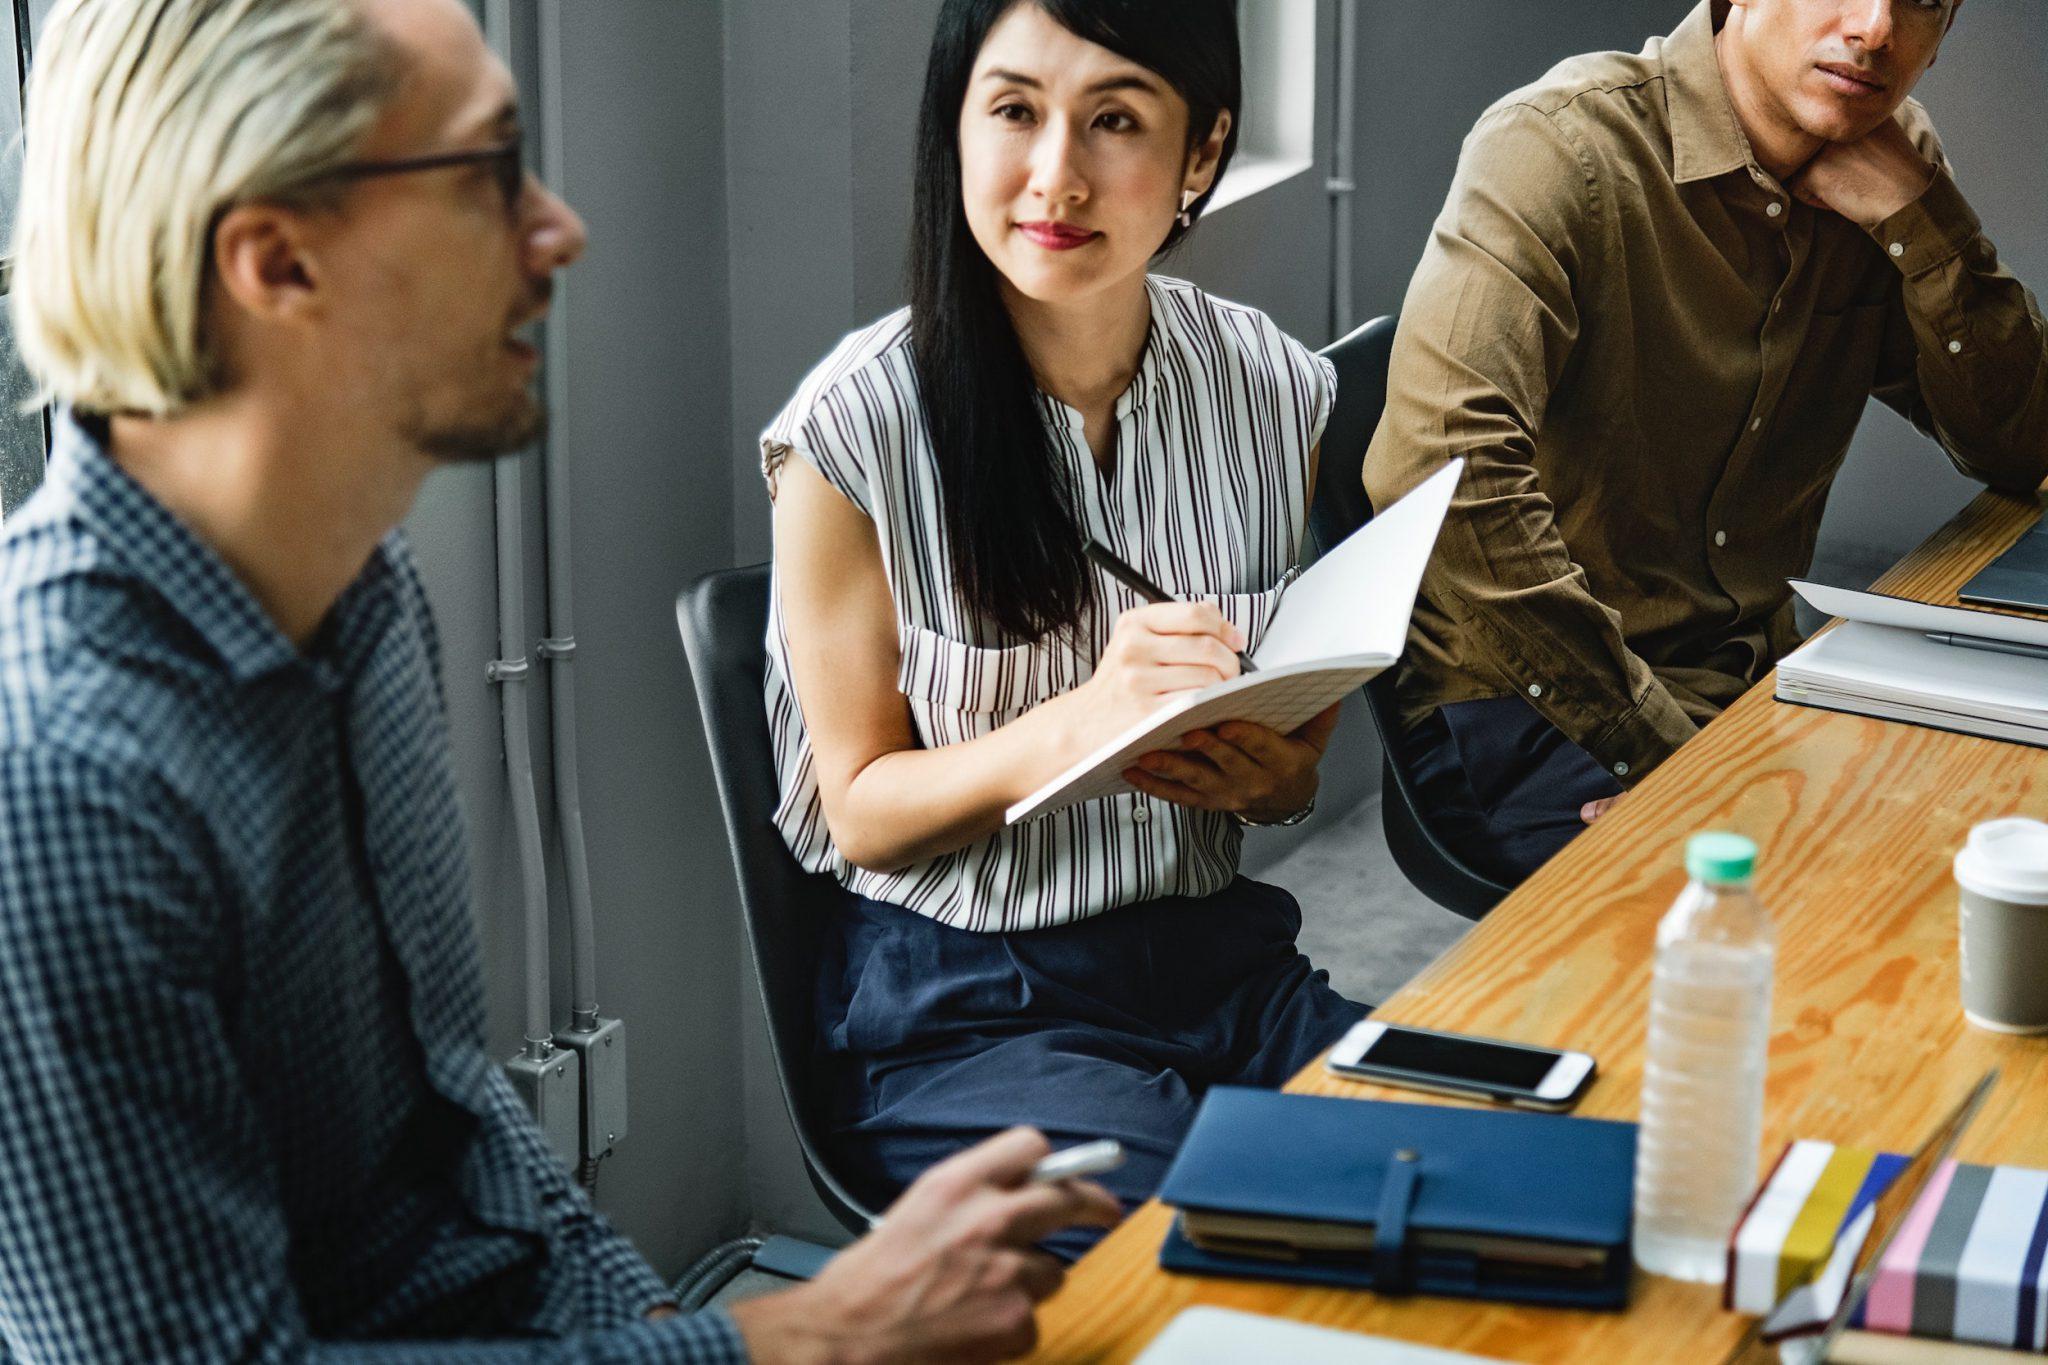 Czy agencja pracy pomoże nam znaleźć pracę?